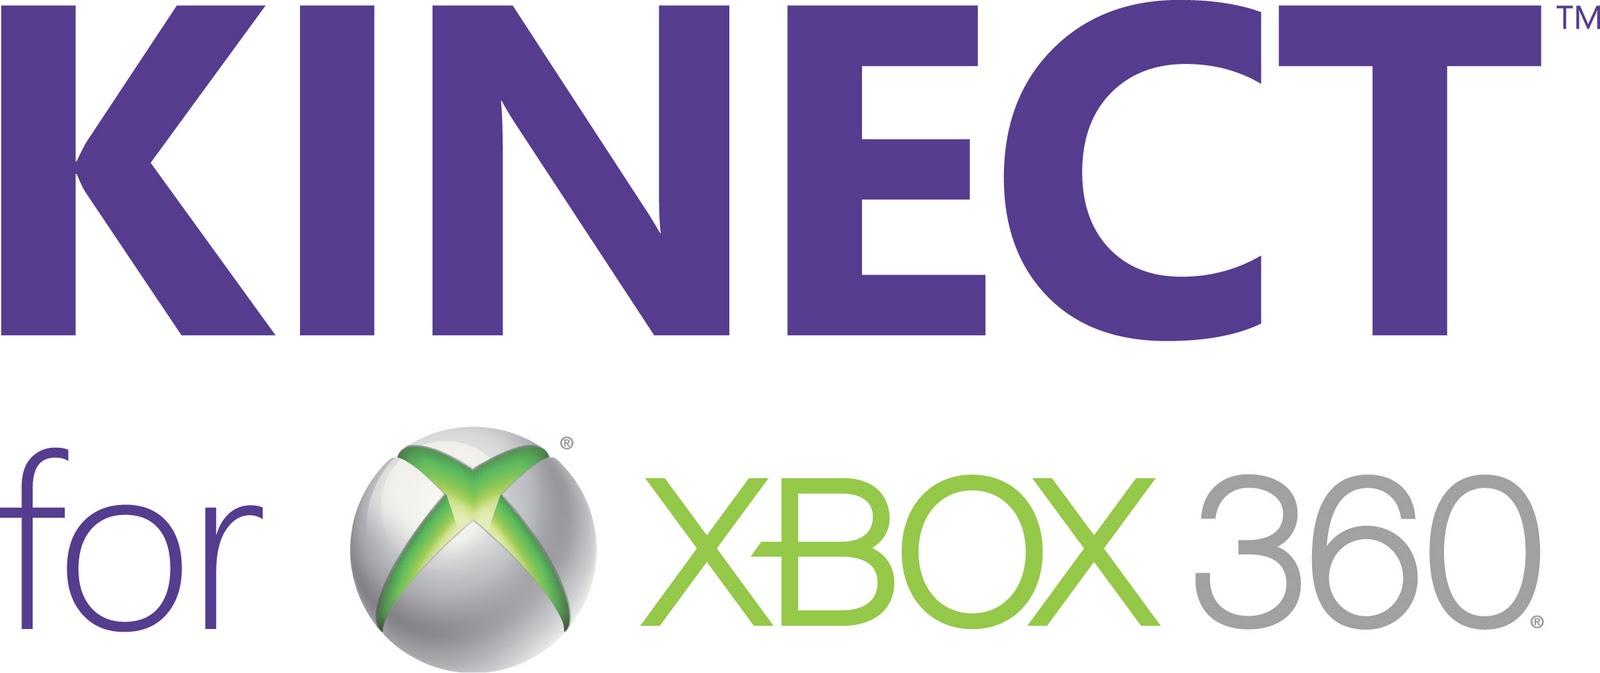 Kinect for XBox 360 Ga...